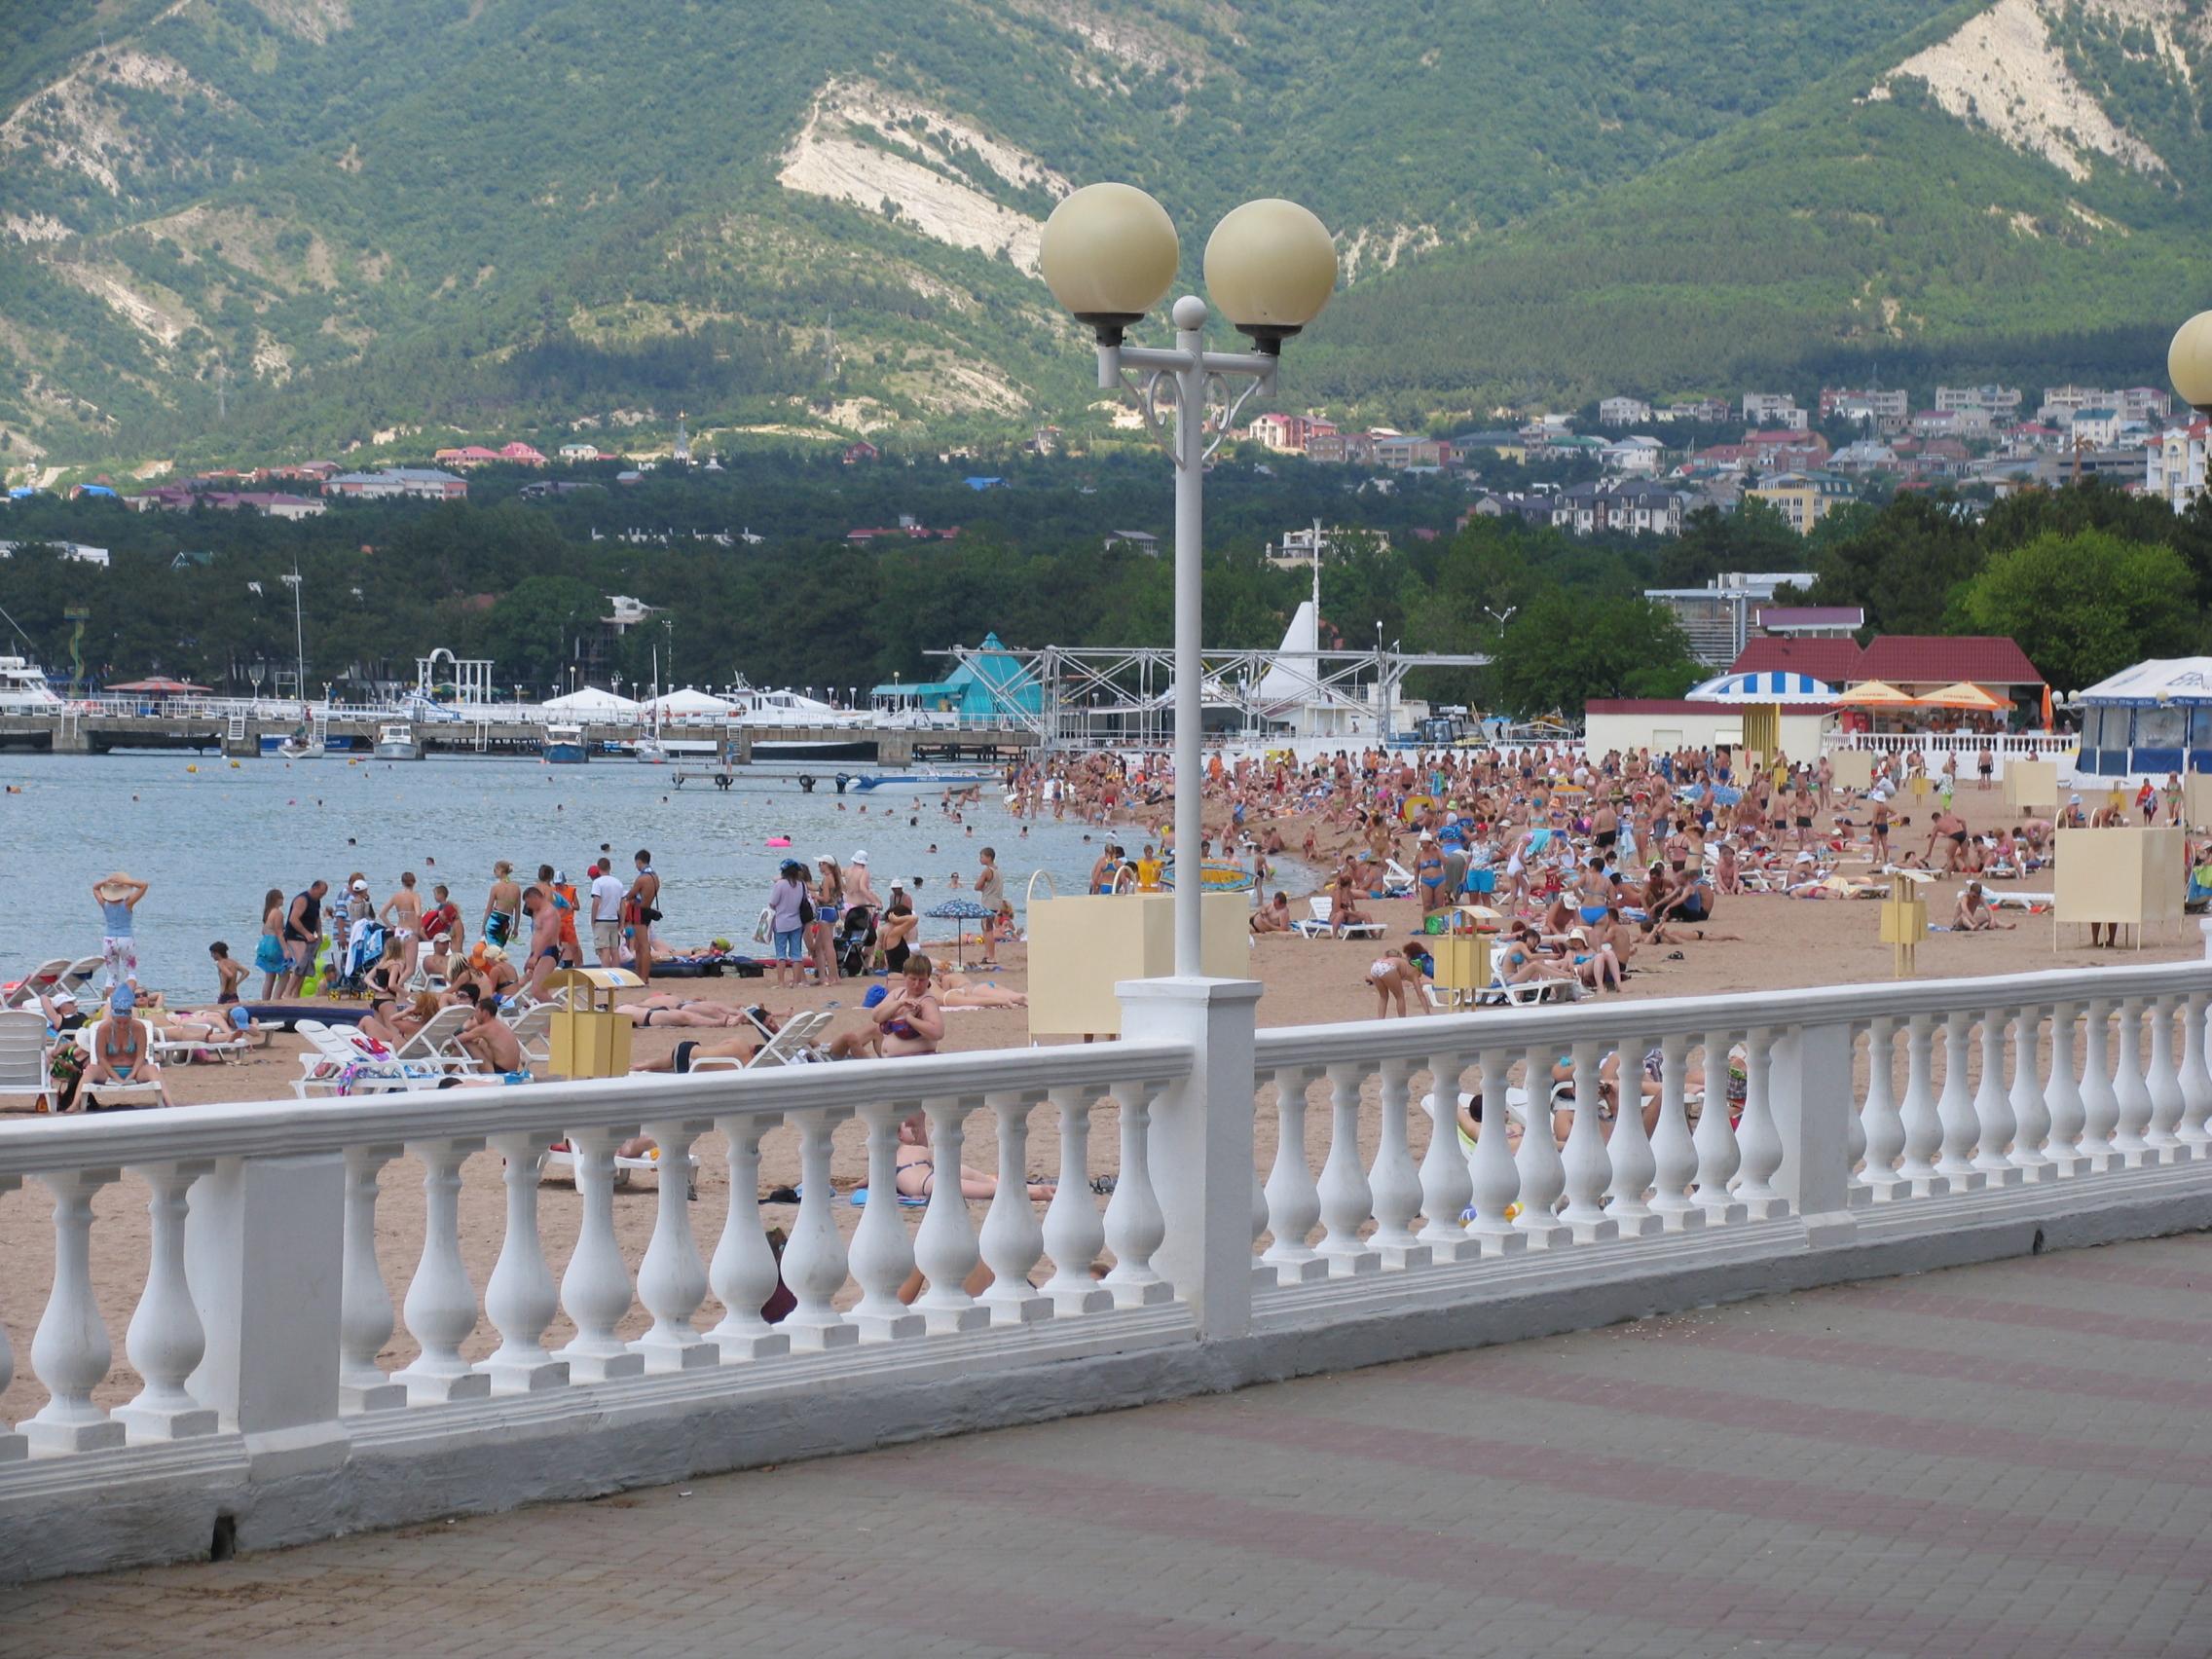 Геленджик в августе - что взять и что делать: отдых, погода, отзывы 26